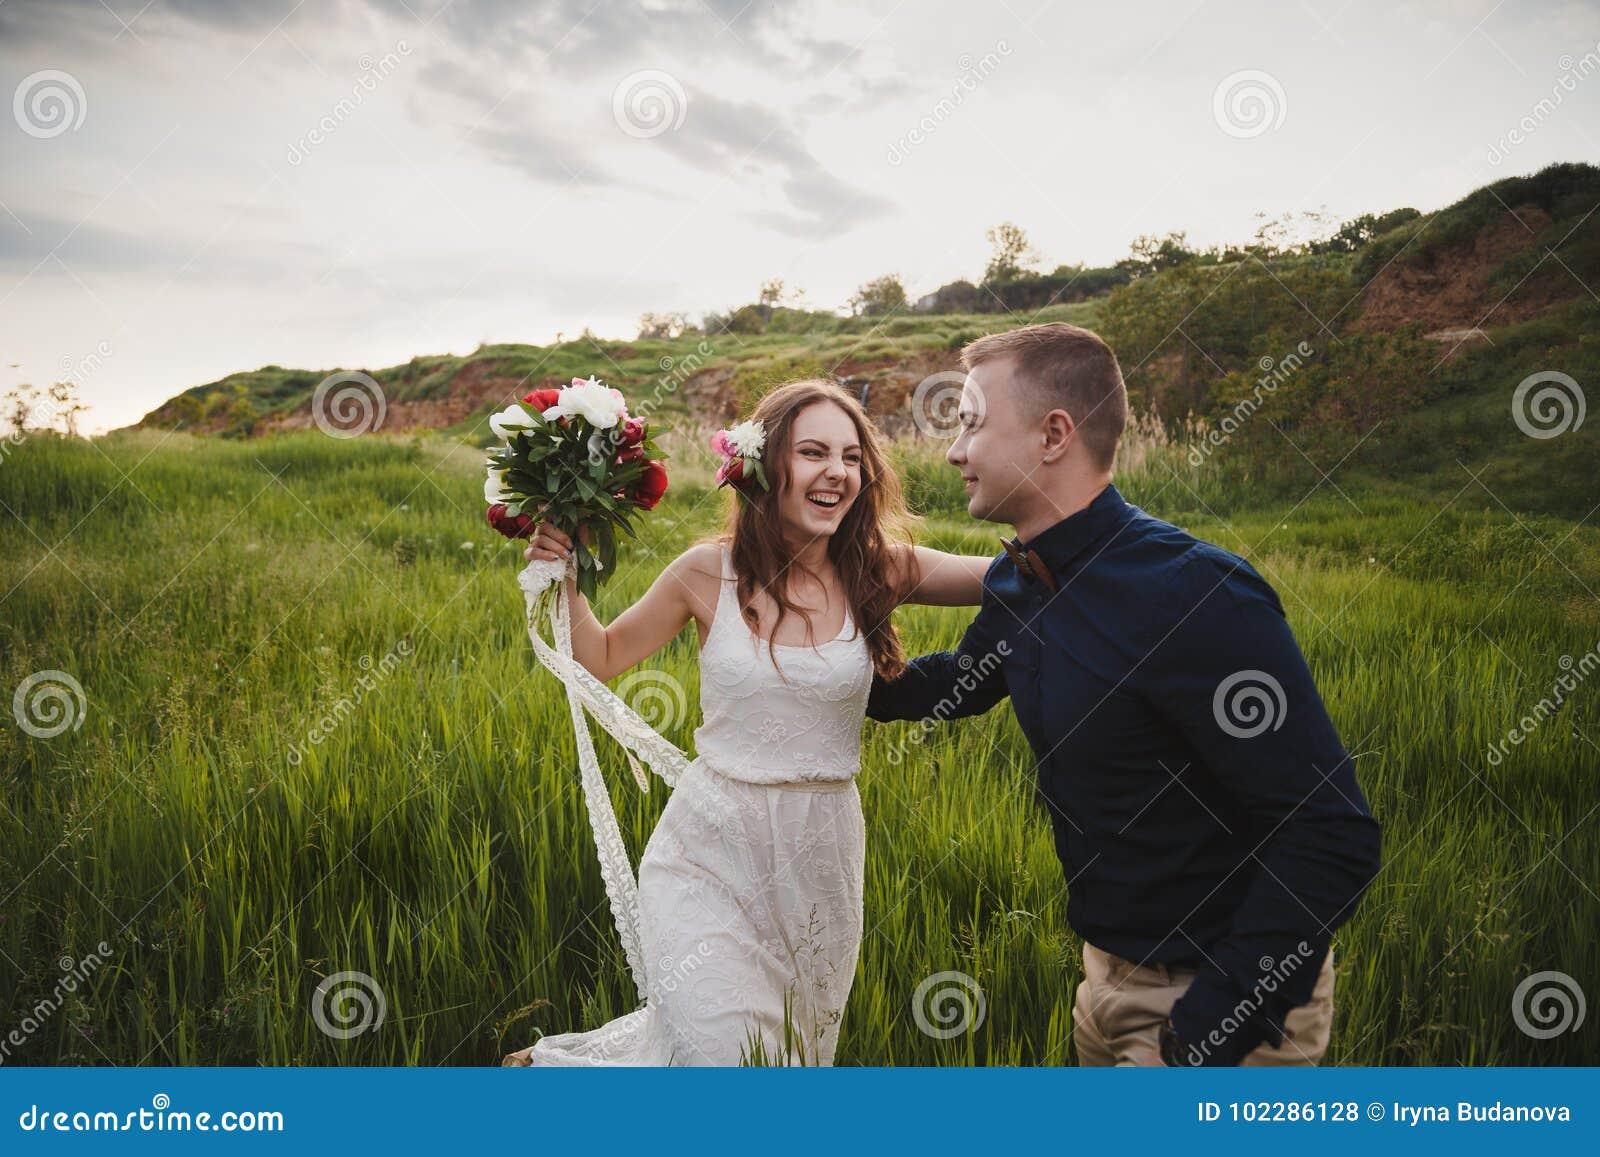 室外婚礼、时髦的愉快的微笑的新郎和新娘是笑和看彼此在绿色领域